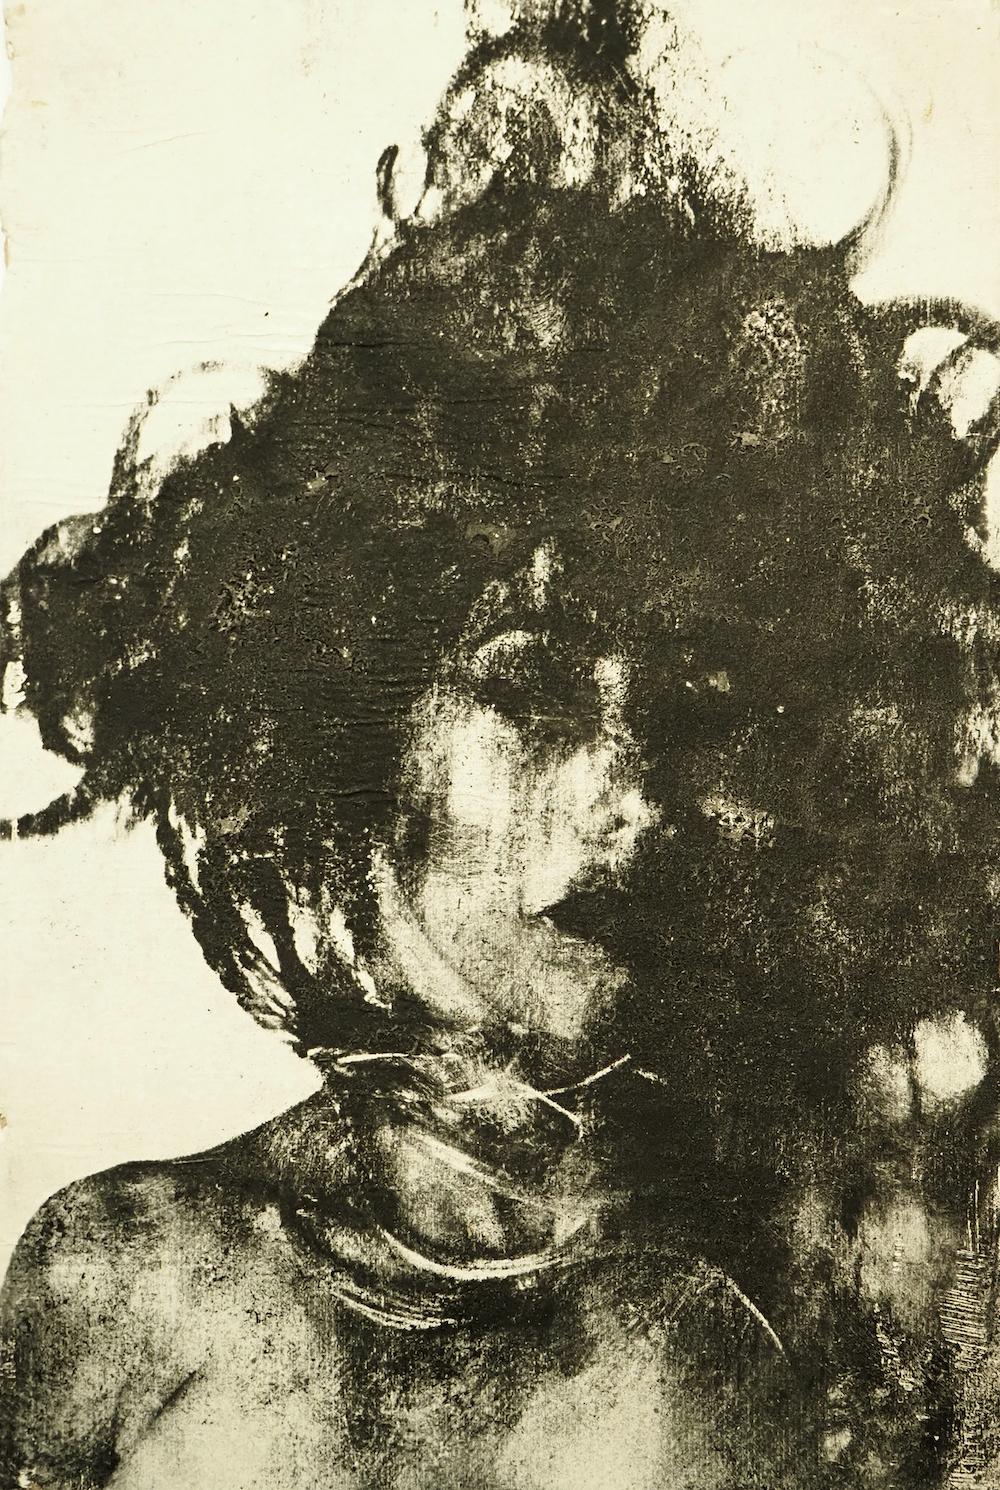 Silvia Celeste Calcagno